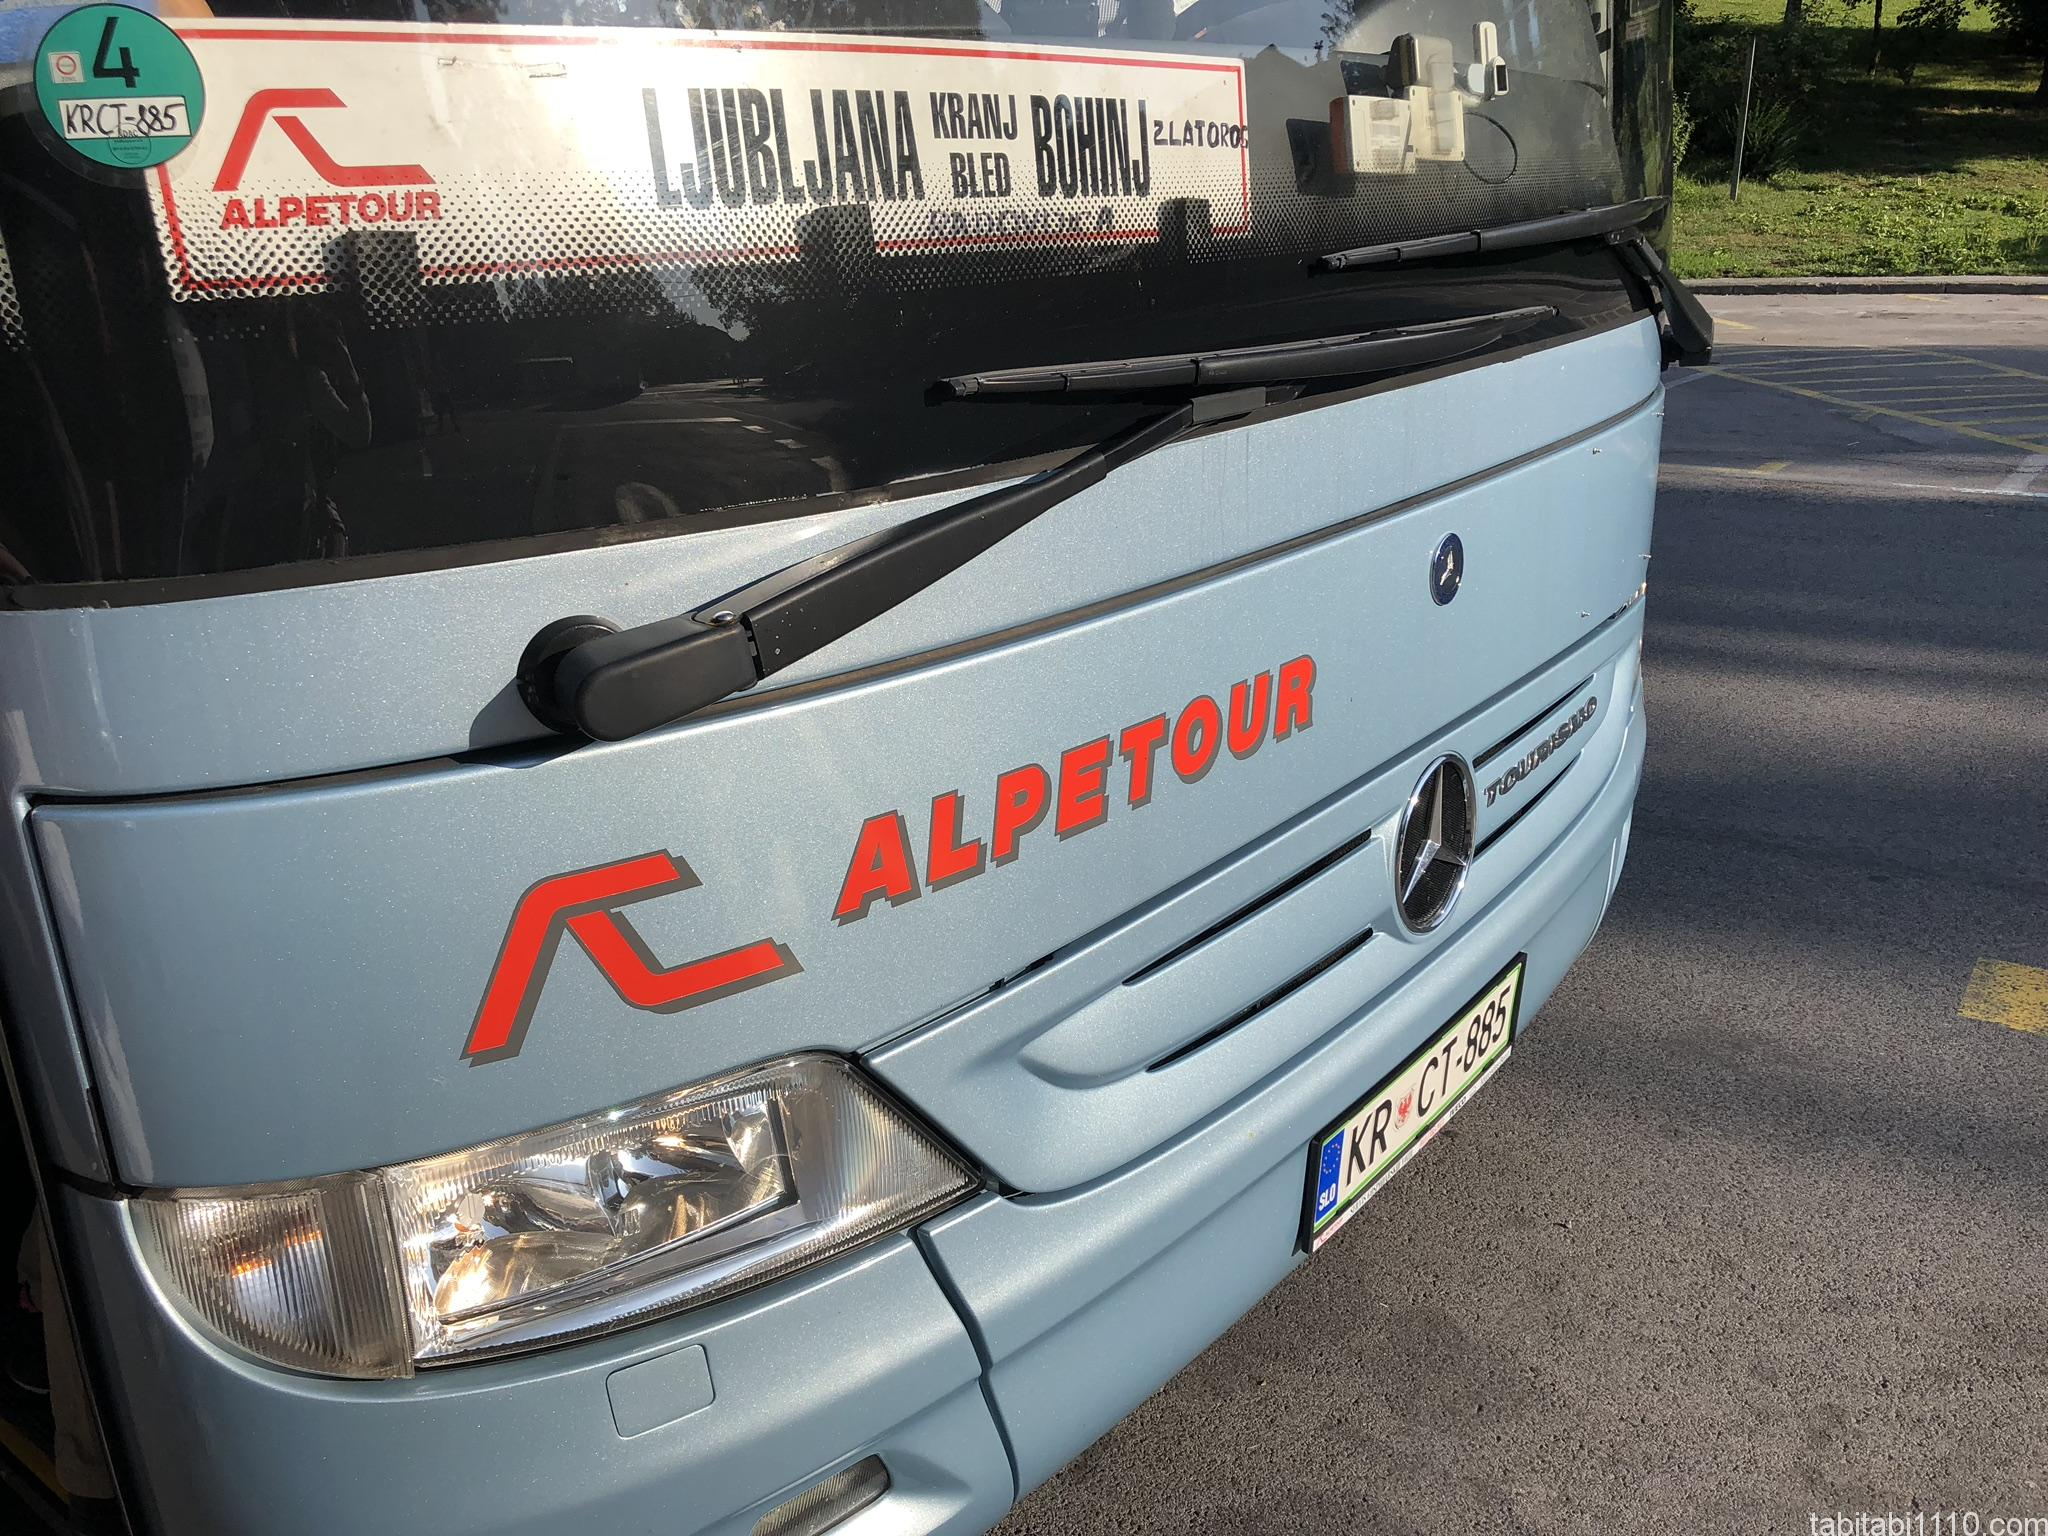 ブレッドからリュブリャナのバス